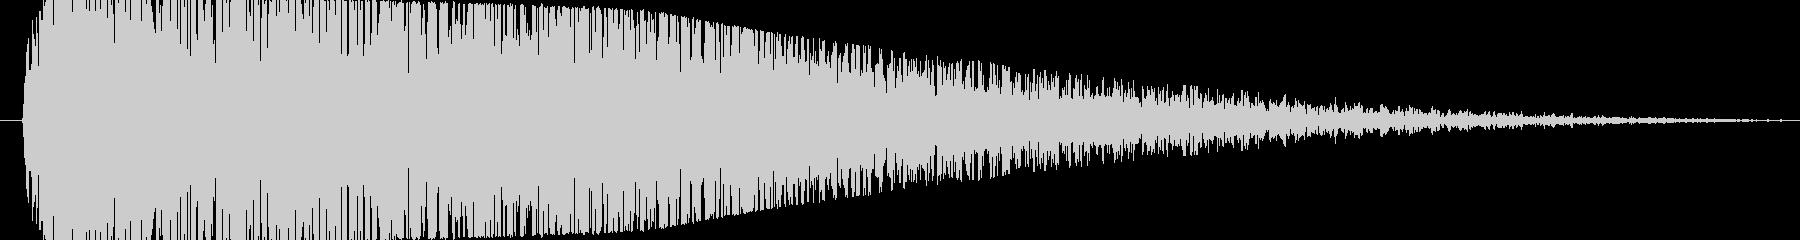 【爆音2(2秒に短縮)】大砲・ダメージ音の未再生の波形